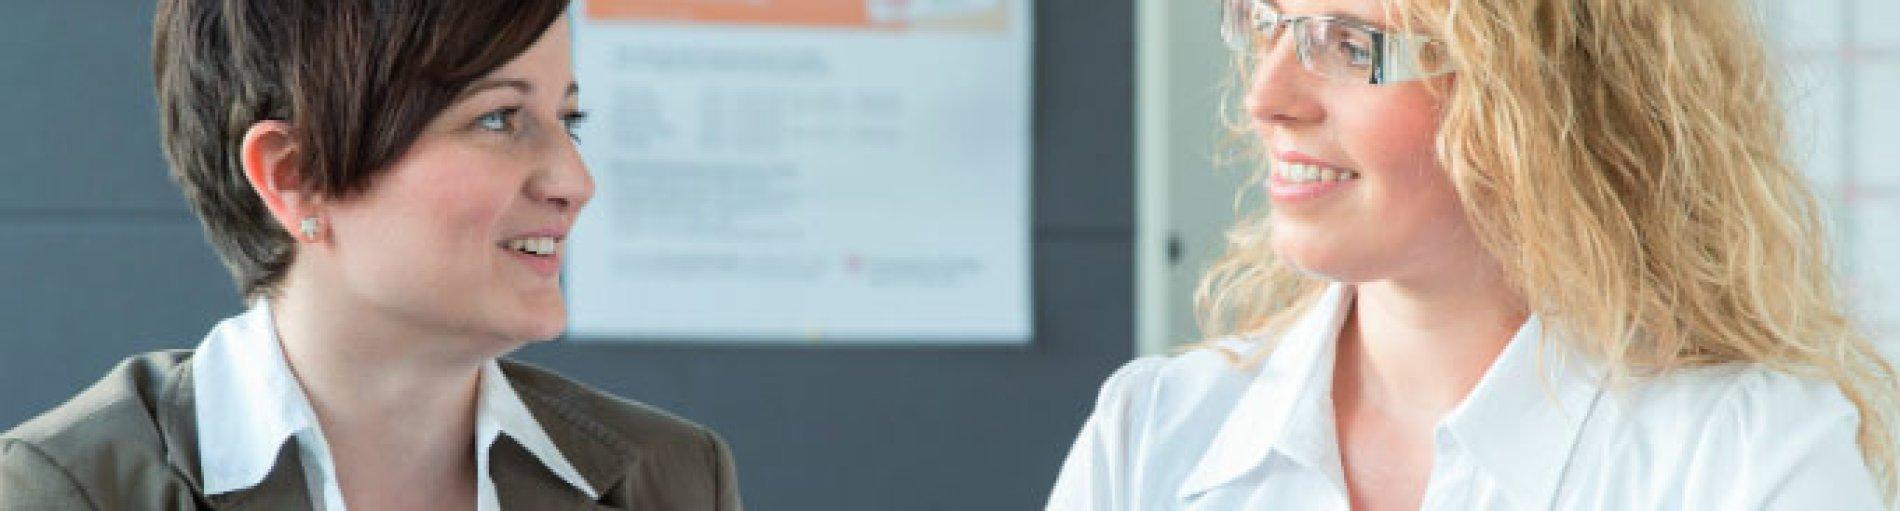 Zwei Frauen im Gespräch (Quelle: Agentur für Arbeit Bremen-Bremerhaven)